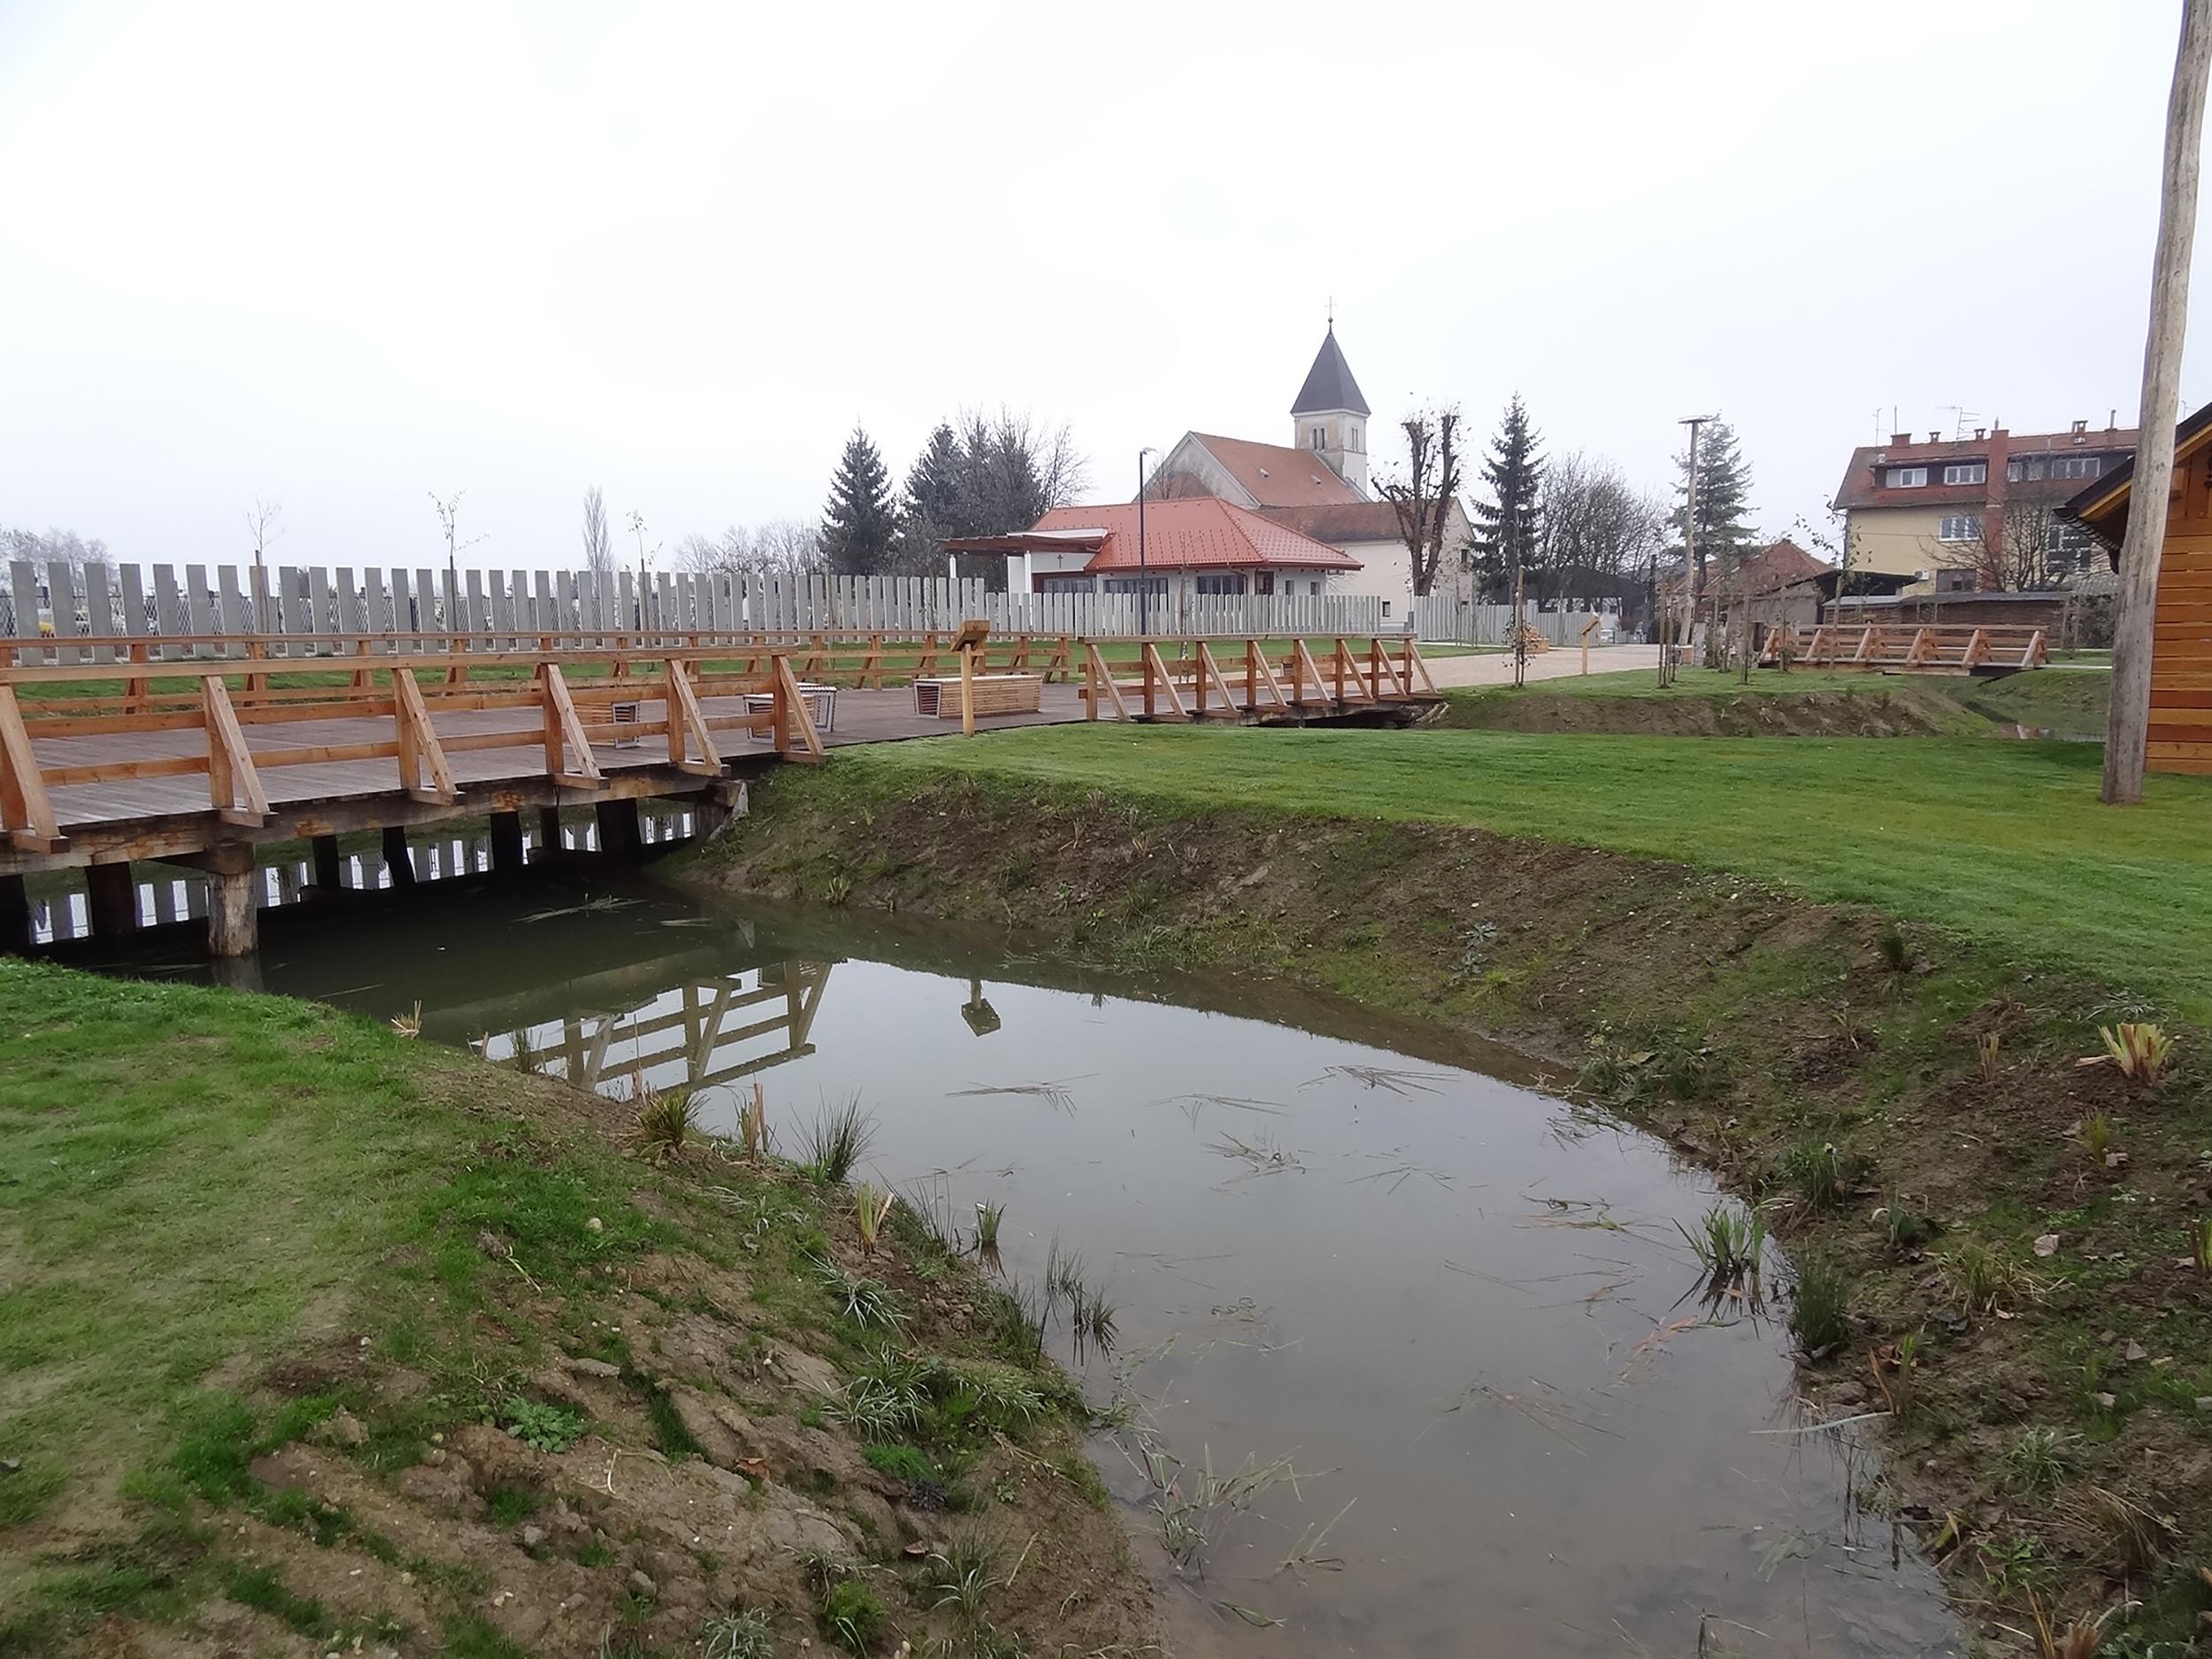 bruto velika polana park voda prekmurje storks štorklje